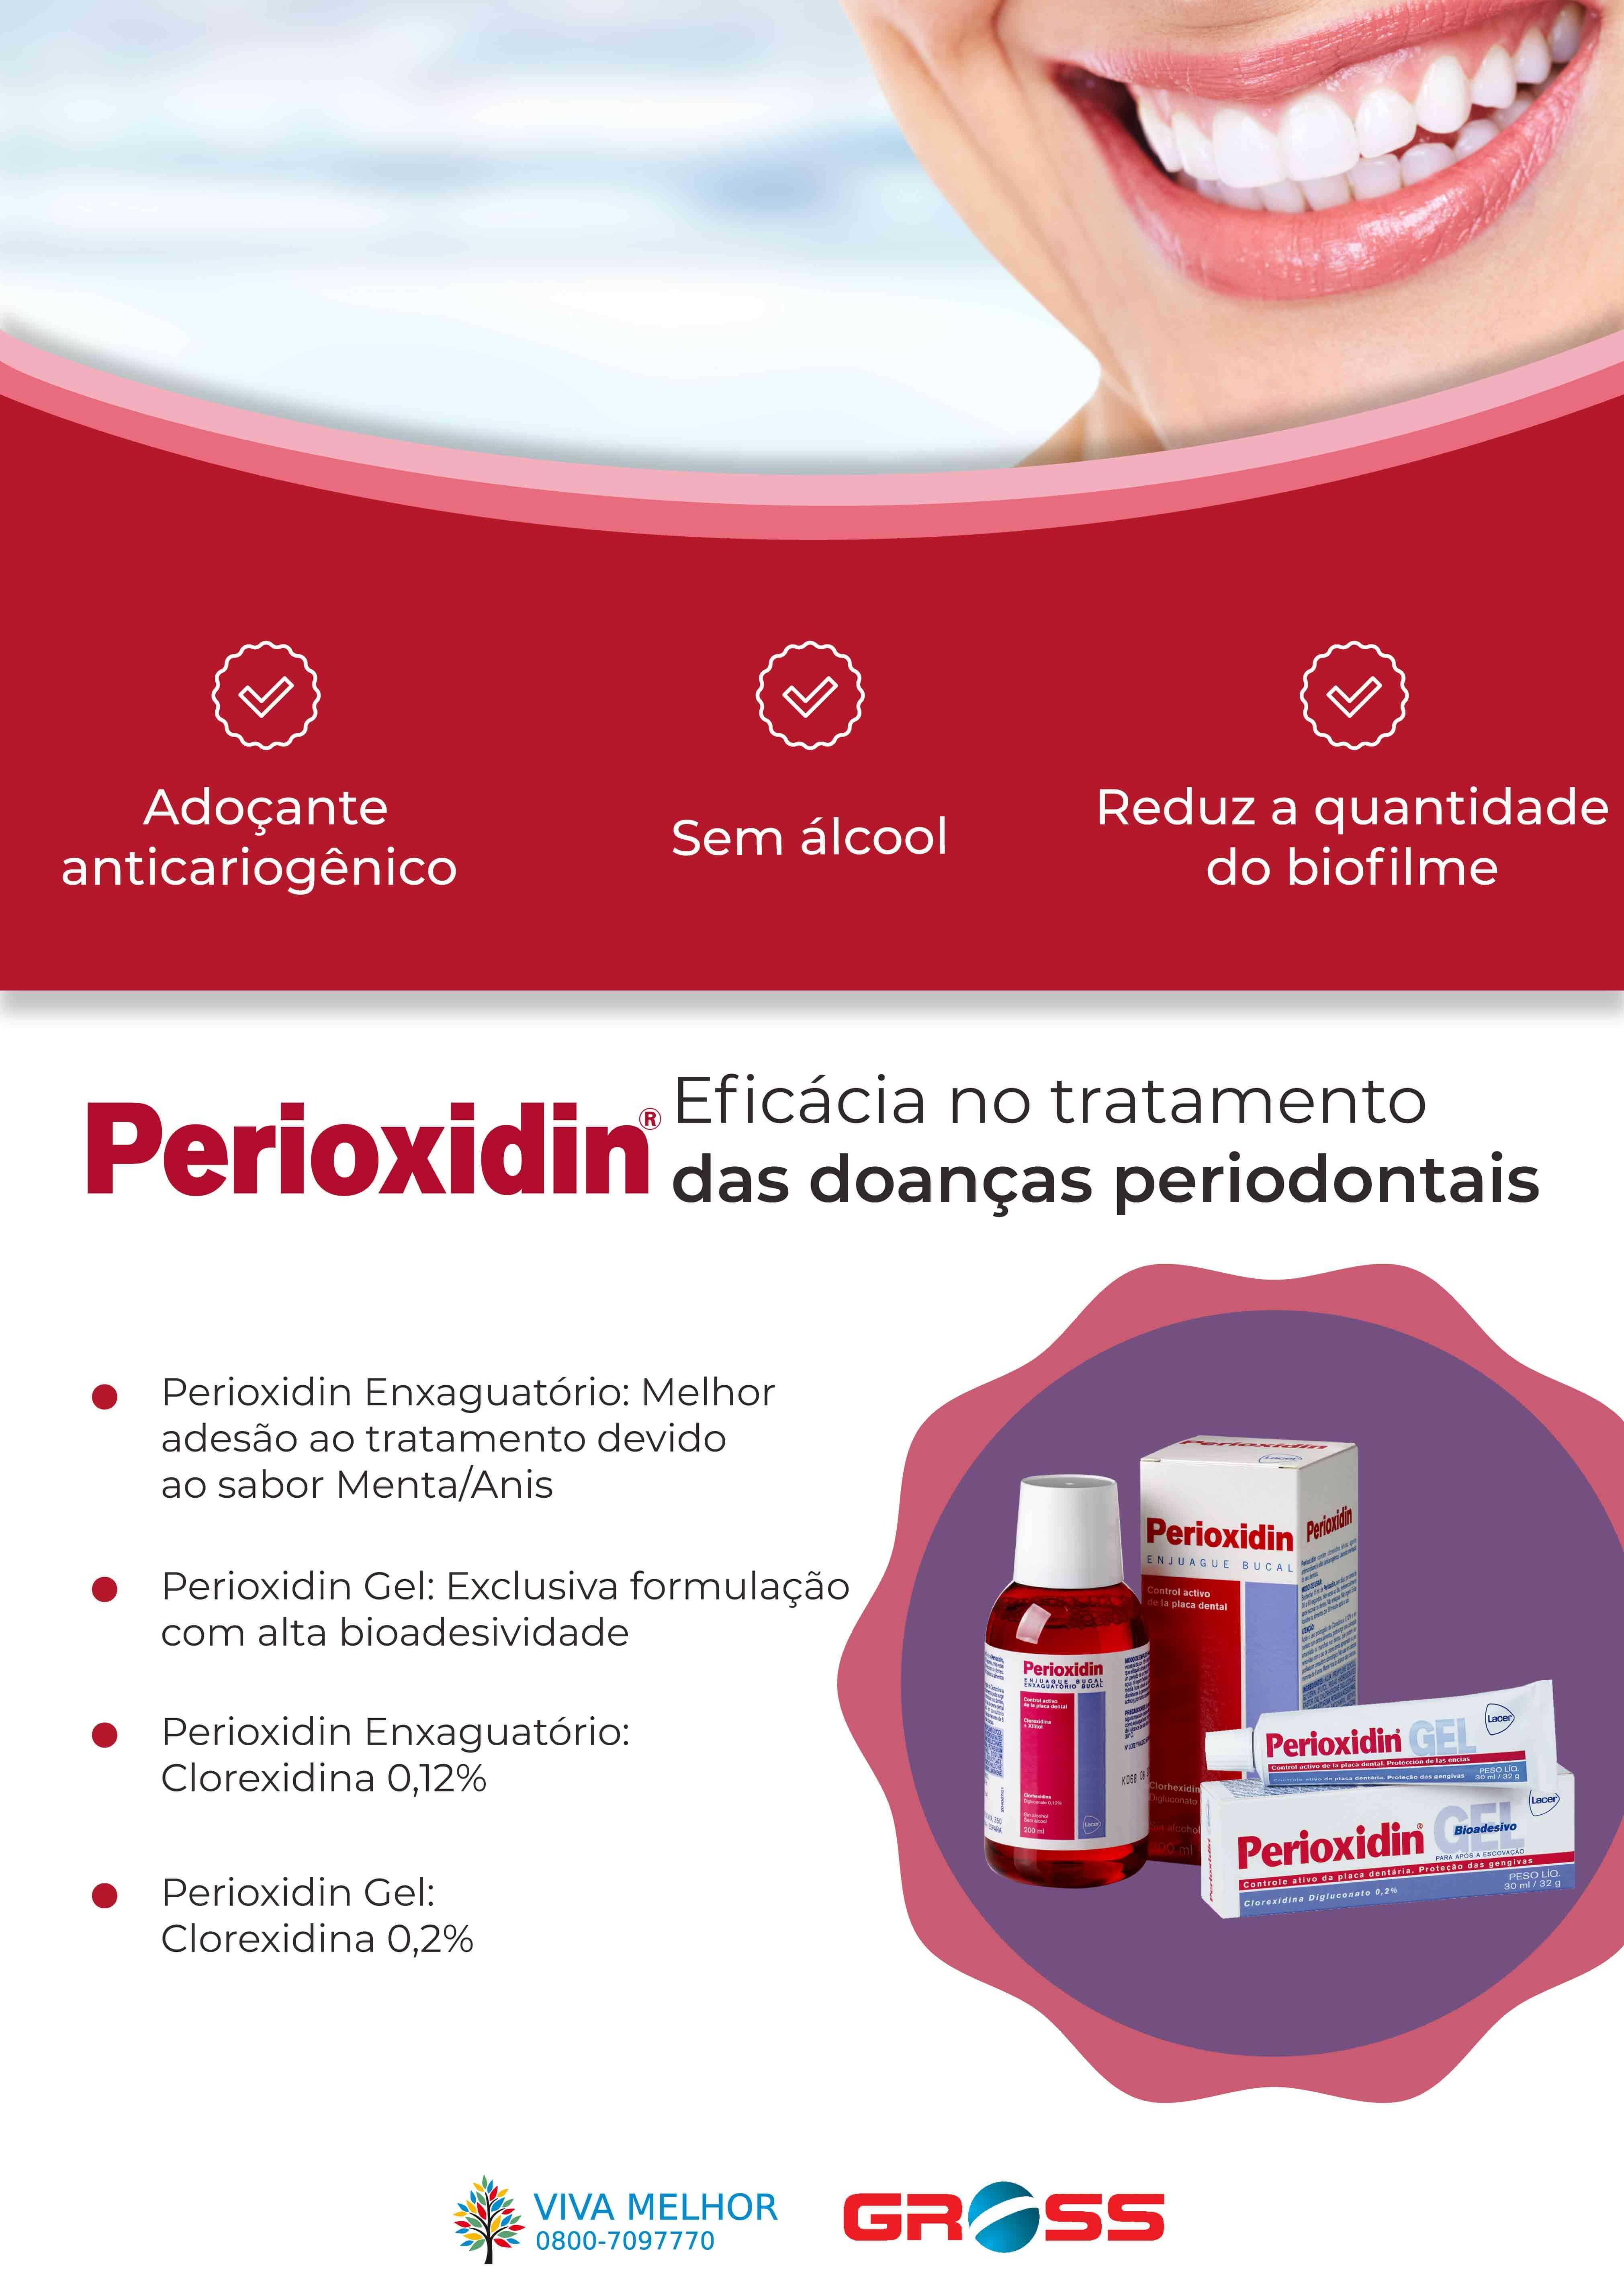 Perioxidin